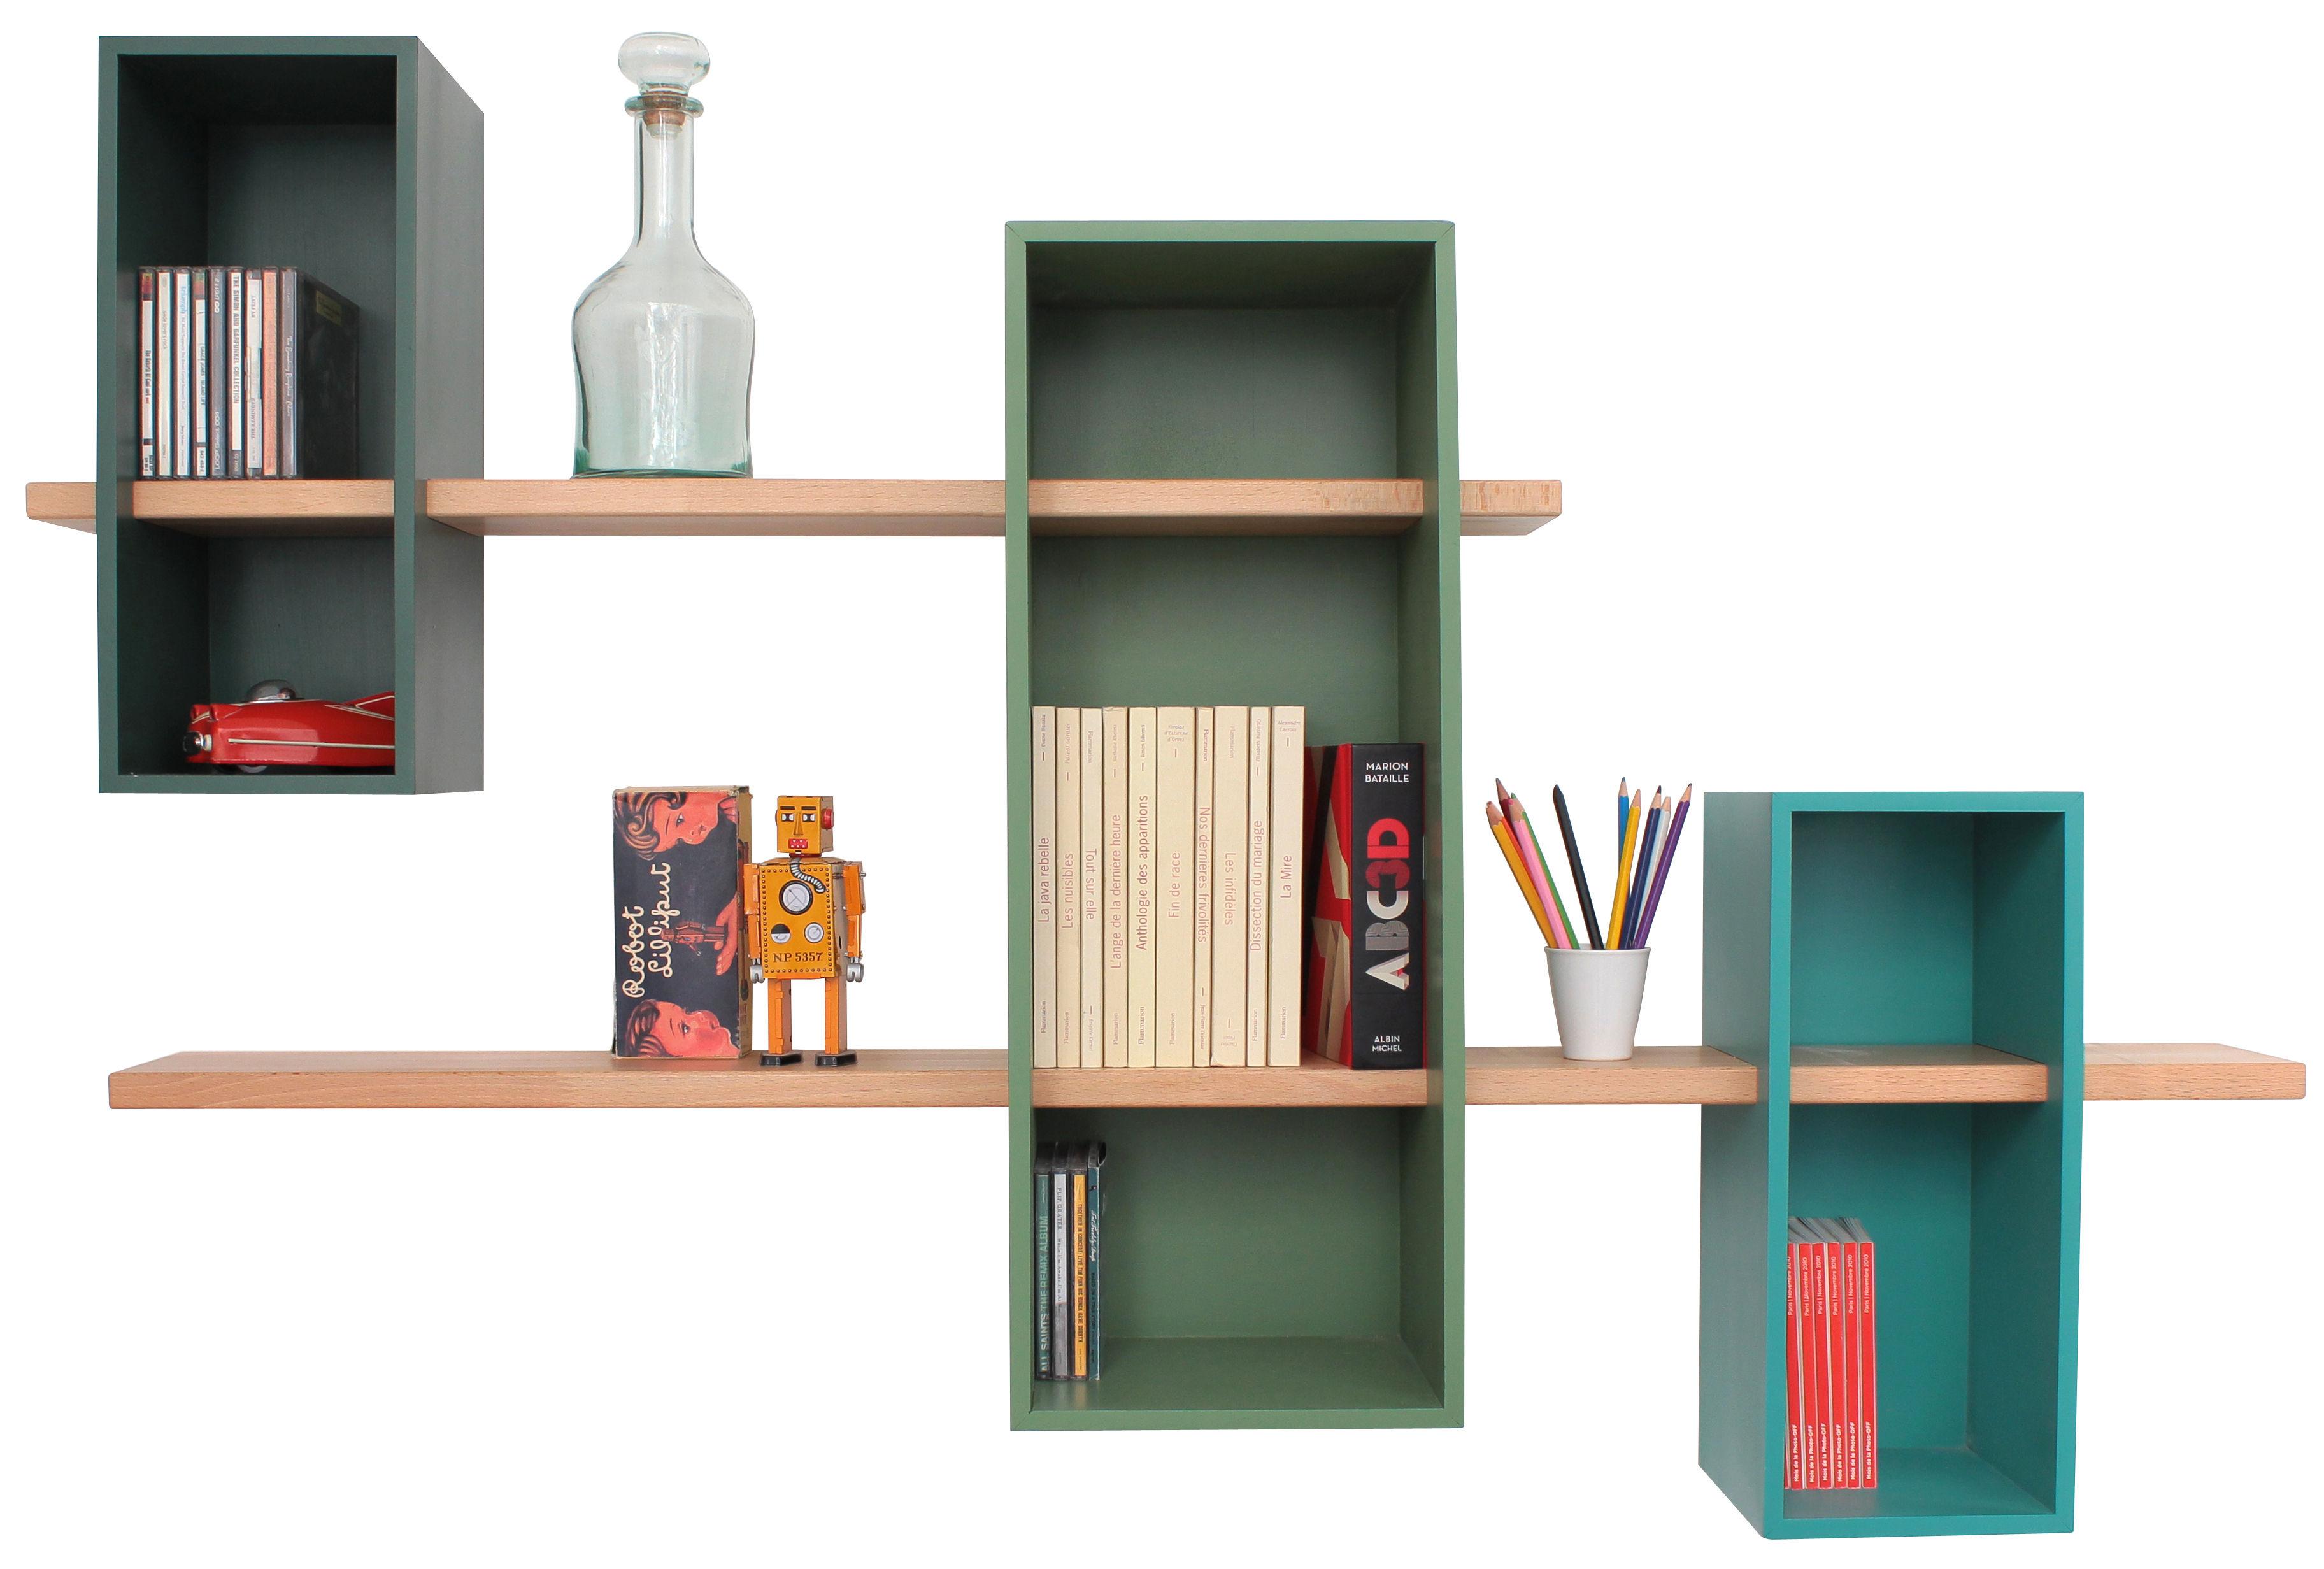 Mobilier - Etagères & bibliothèques - Etagère Max XL / Double - 3 caissons + 2 étageres - Compagnie - Vert pin / Vert reseda / Turquoise 6033 - Hêtre massif, MDF peint